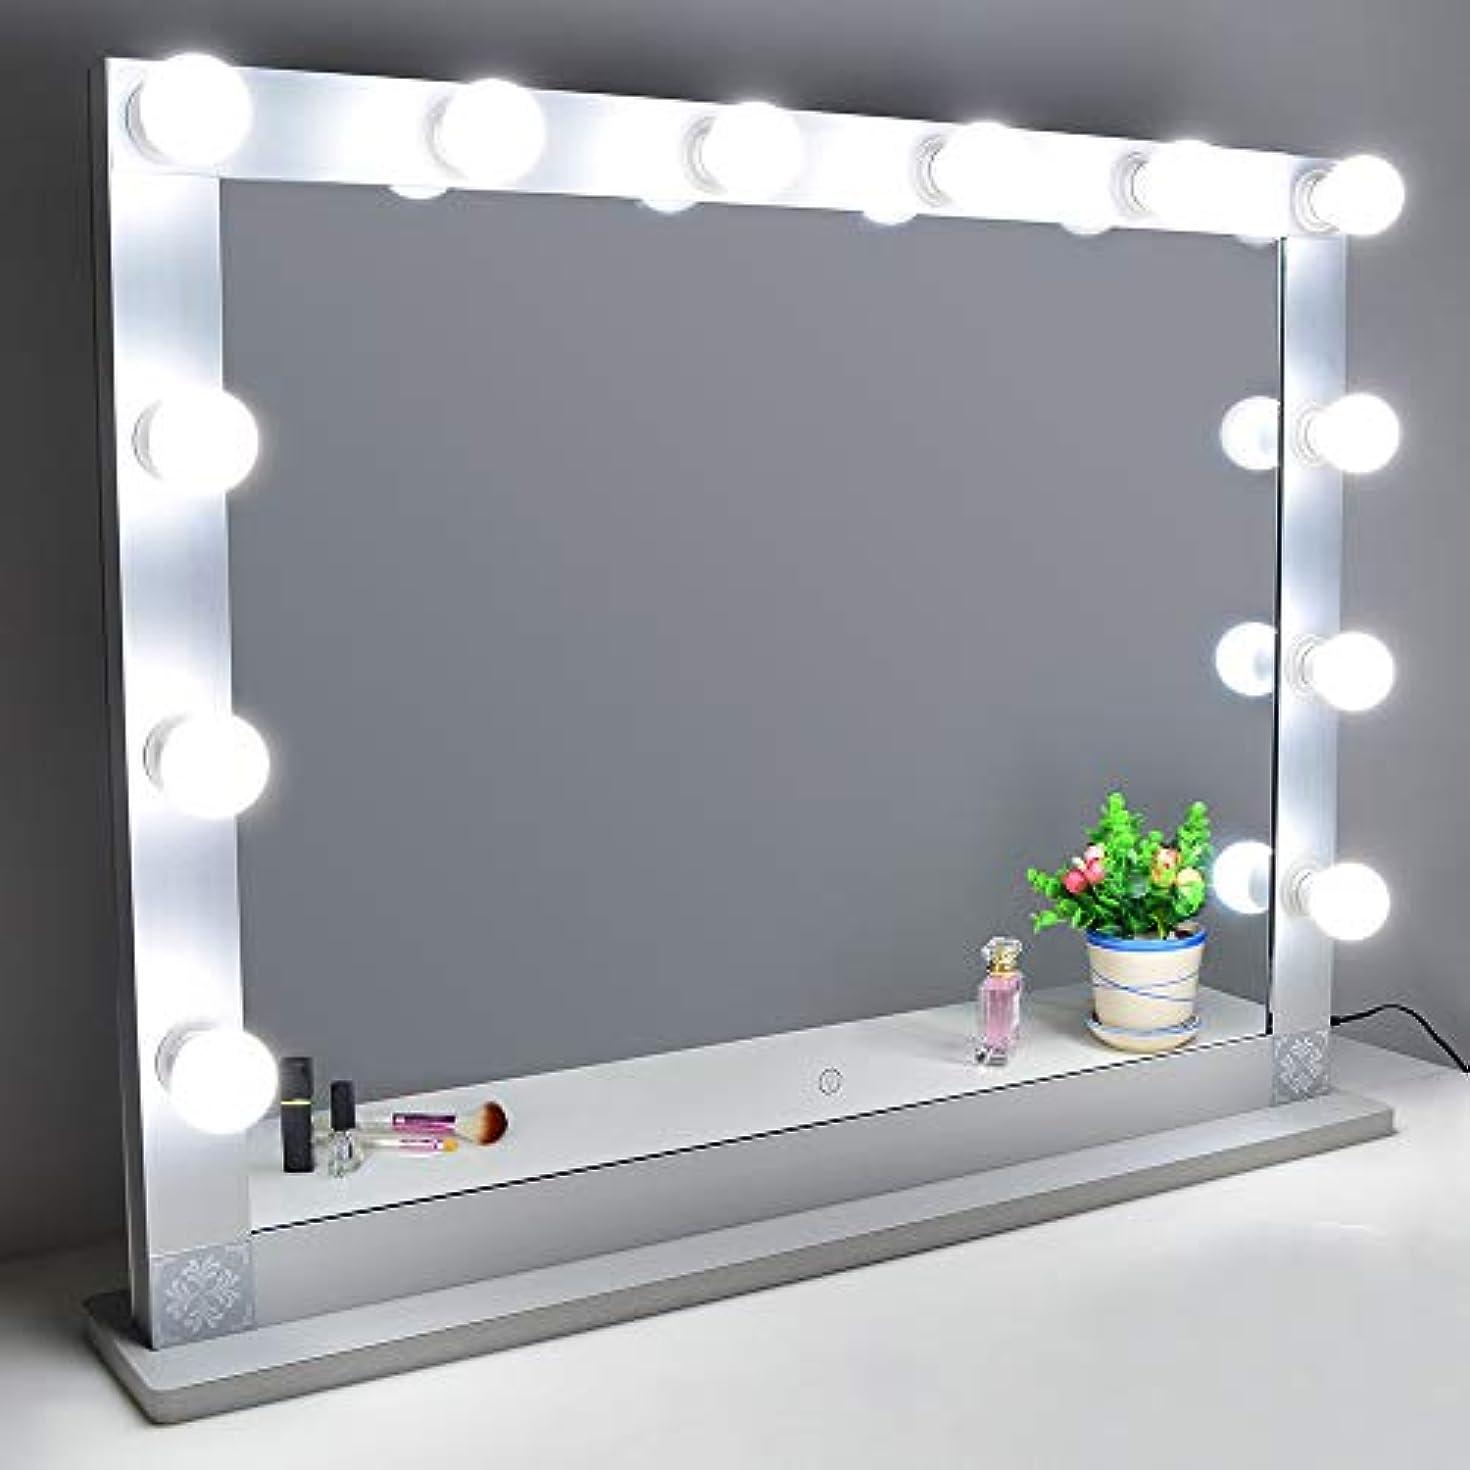 暗記する電気の熟考するNitin 女優ミラー 大型化粧鏡 ハリウッドミラー 12個LED電球付き 無段階調光 スタンド付き USB差込口付き 卓上ミラー 女優ライト ドレッサー/化粧台に適用(85*66.5cm)